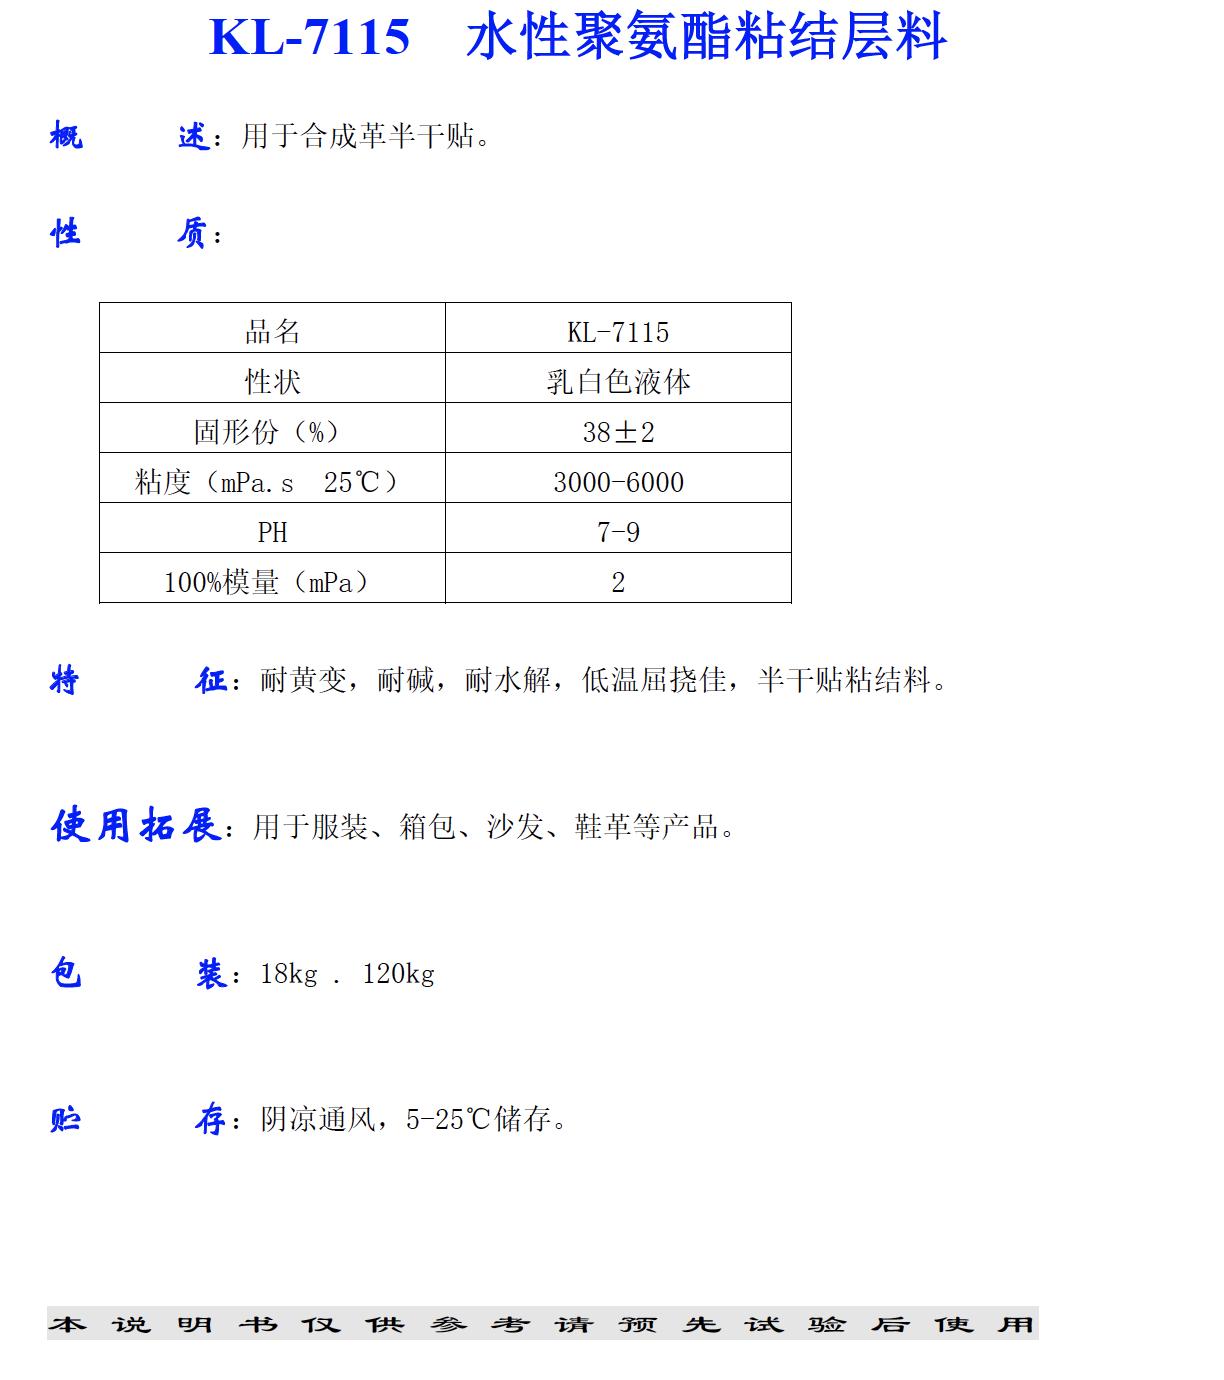 KL-7115 水性聚氨酯粘结层料